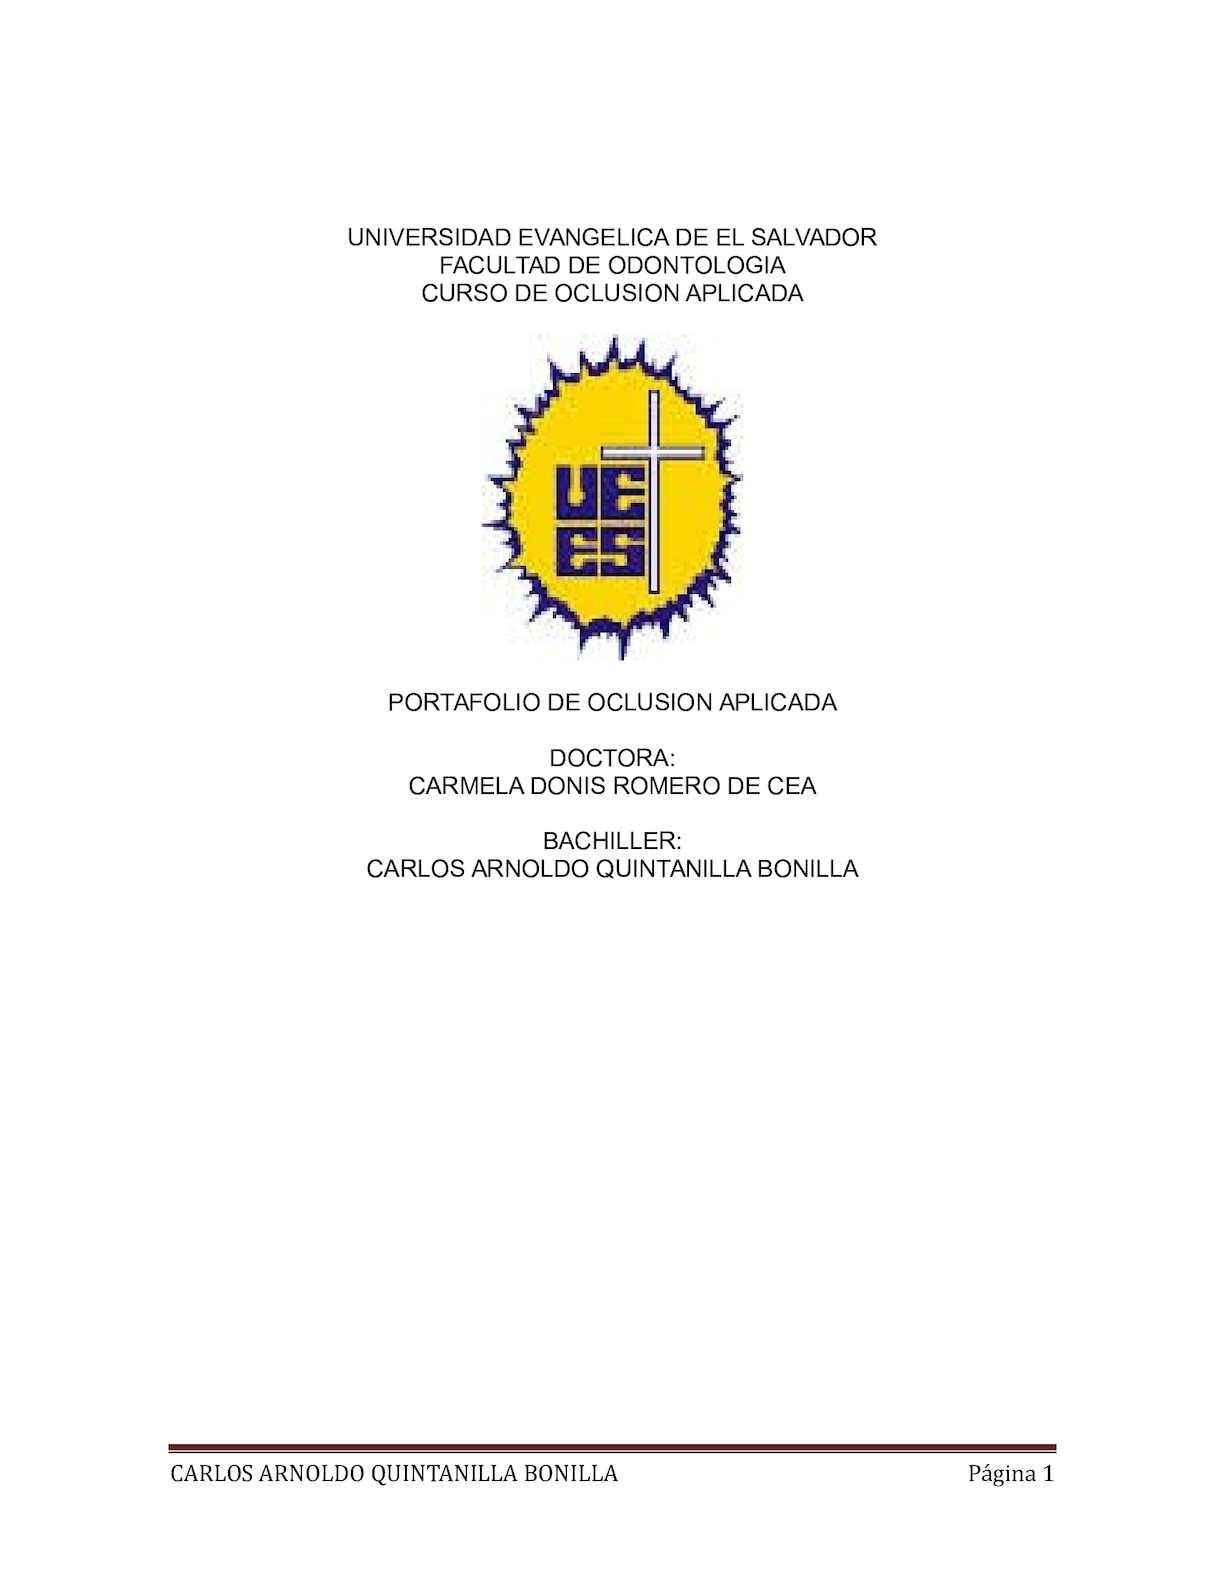 Calaméo - Portafolio Oclusion Aplicada Arnoldo Quintanilla